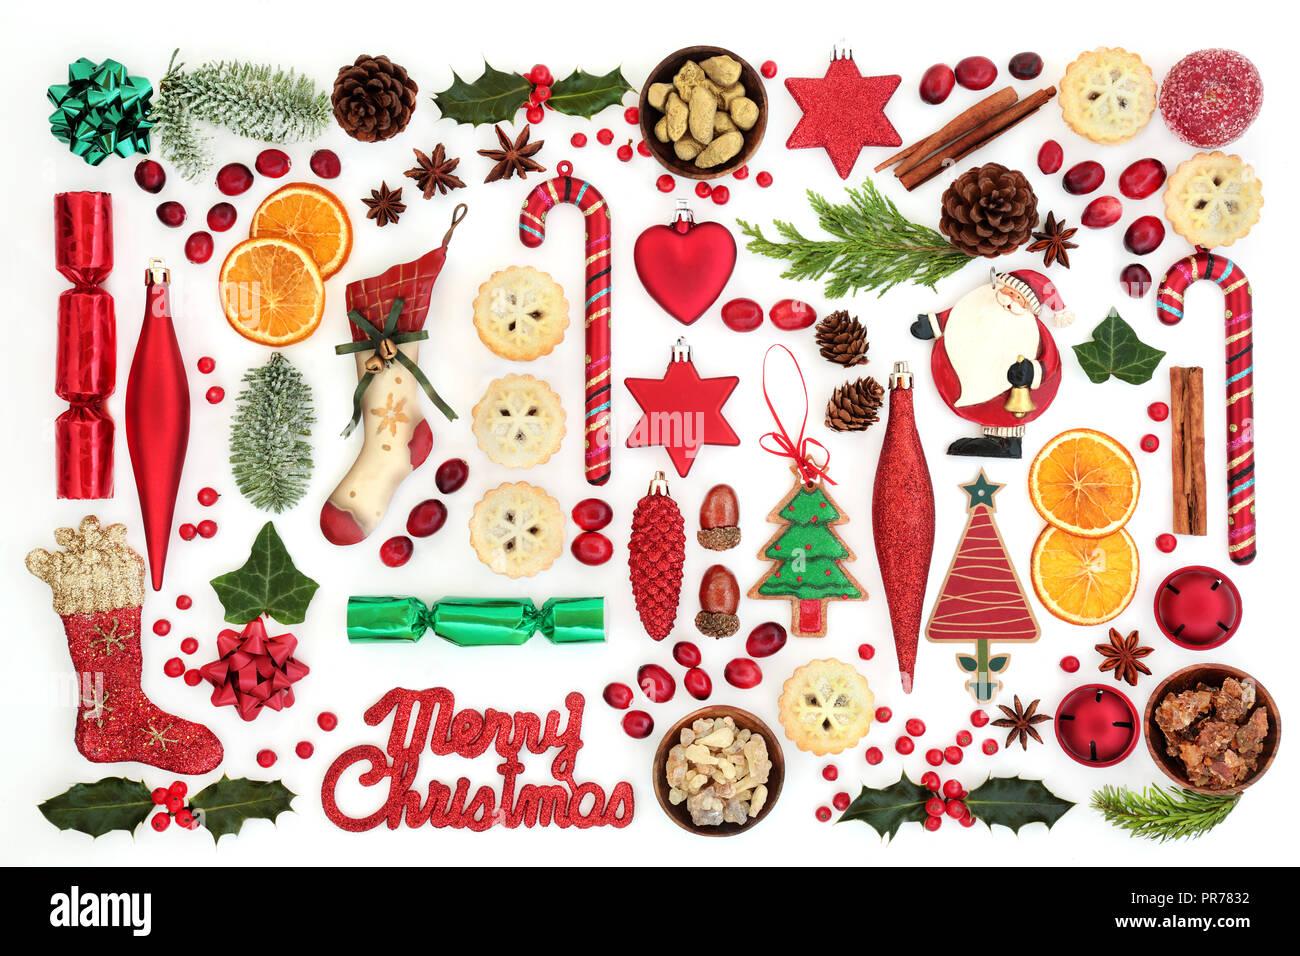 Feliz Navidad cartel con retro y nuevas decoraciones para árboles de invierno, alimentos, flora, estacional y símbolos de oro, incienso y mirra. Imagen De Stock